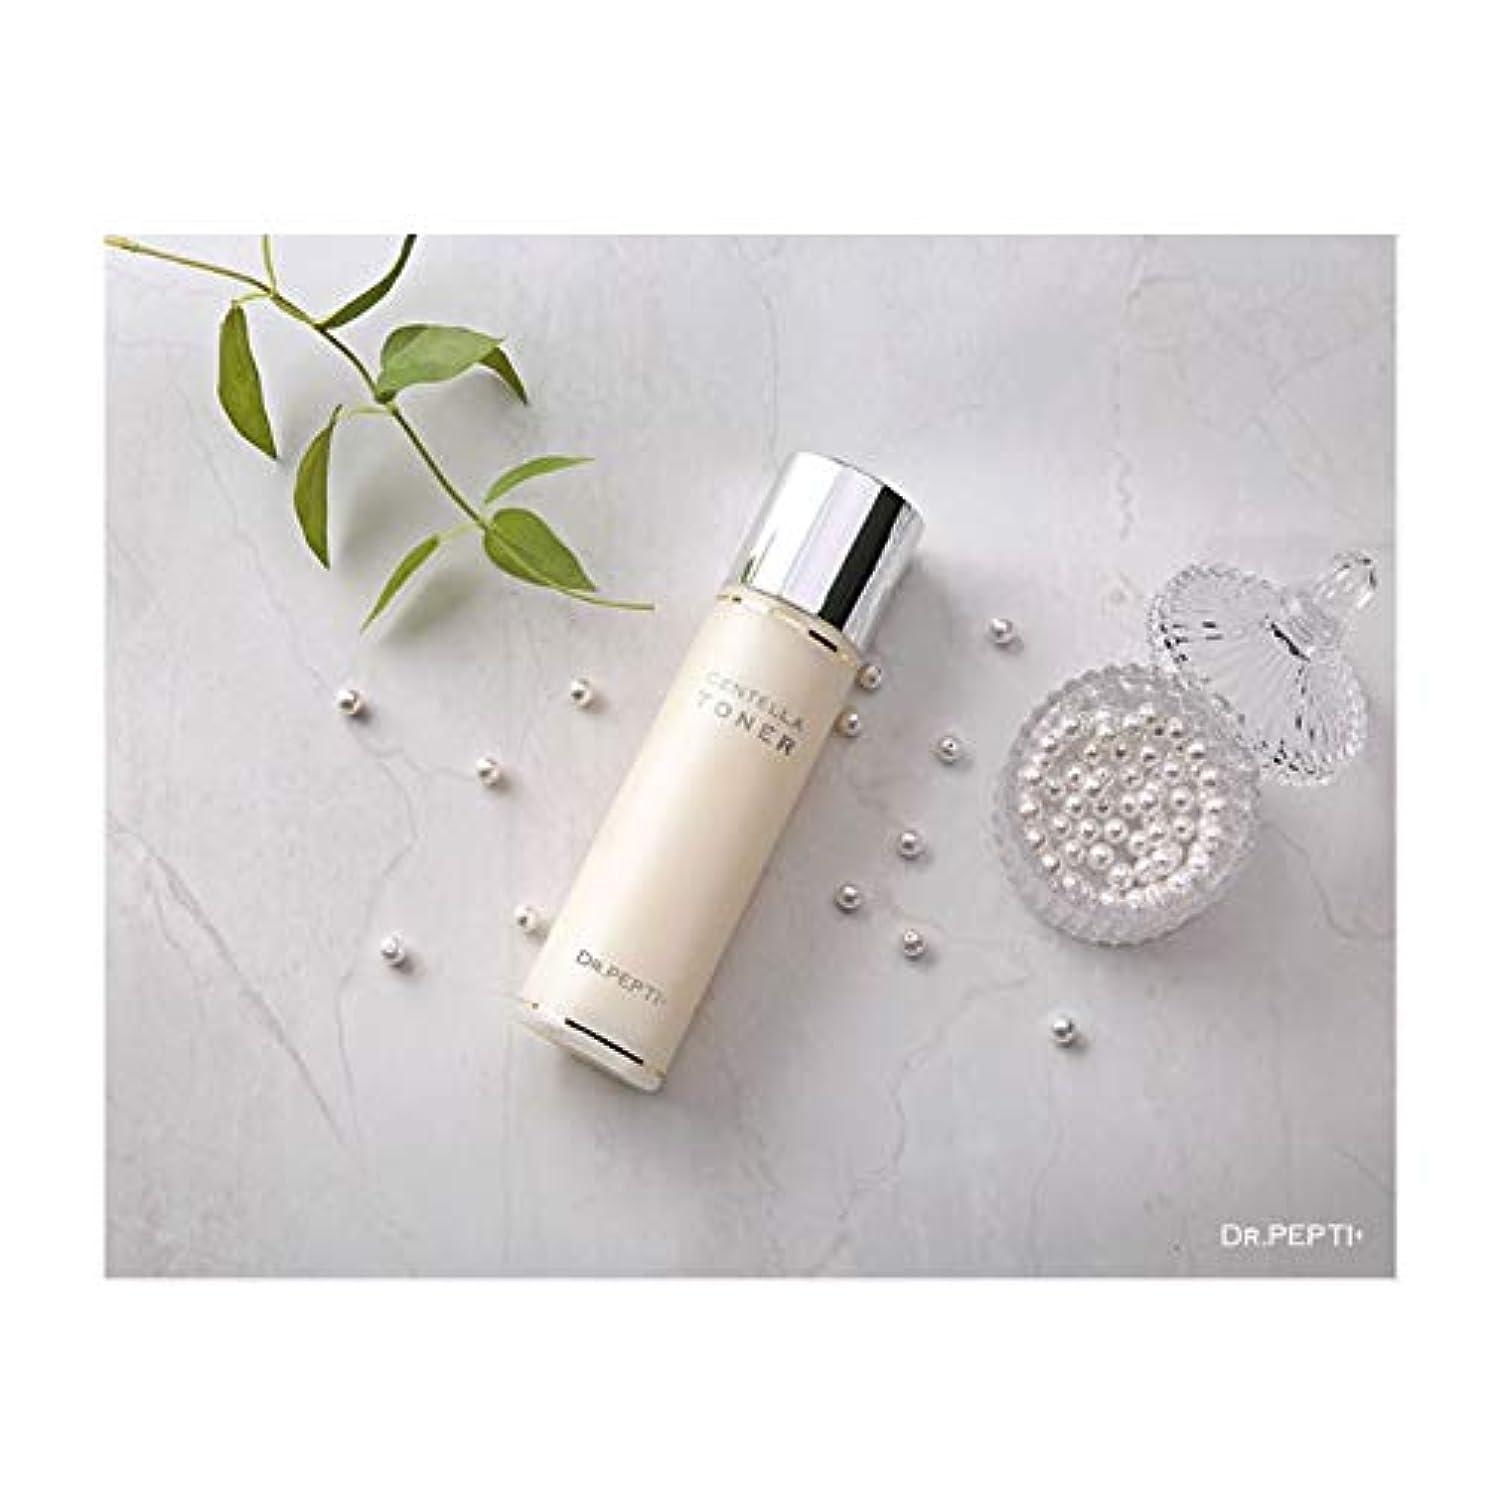 ジェイアンドコーシュドクターペプチセンテラトナー180ml韓国コスメ、J&Coceu Dr.Pepti+ Centella Toner 180ml Korean Cosmetics [並行輸入品]